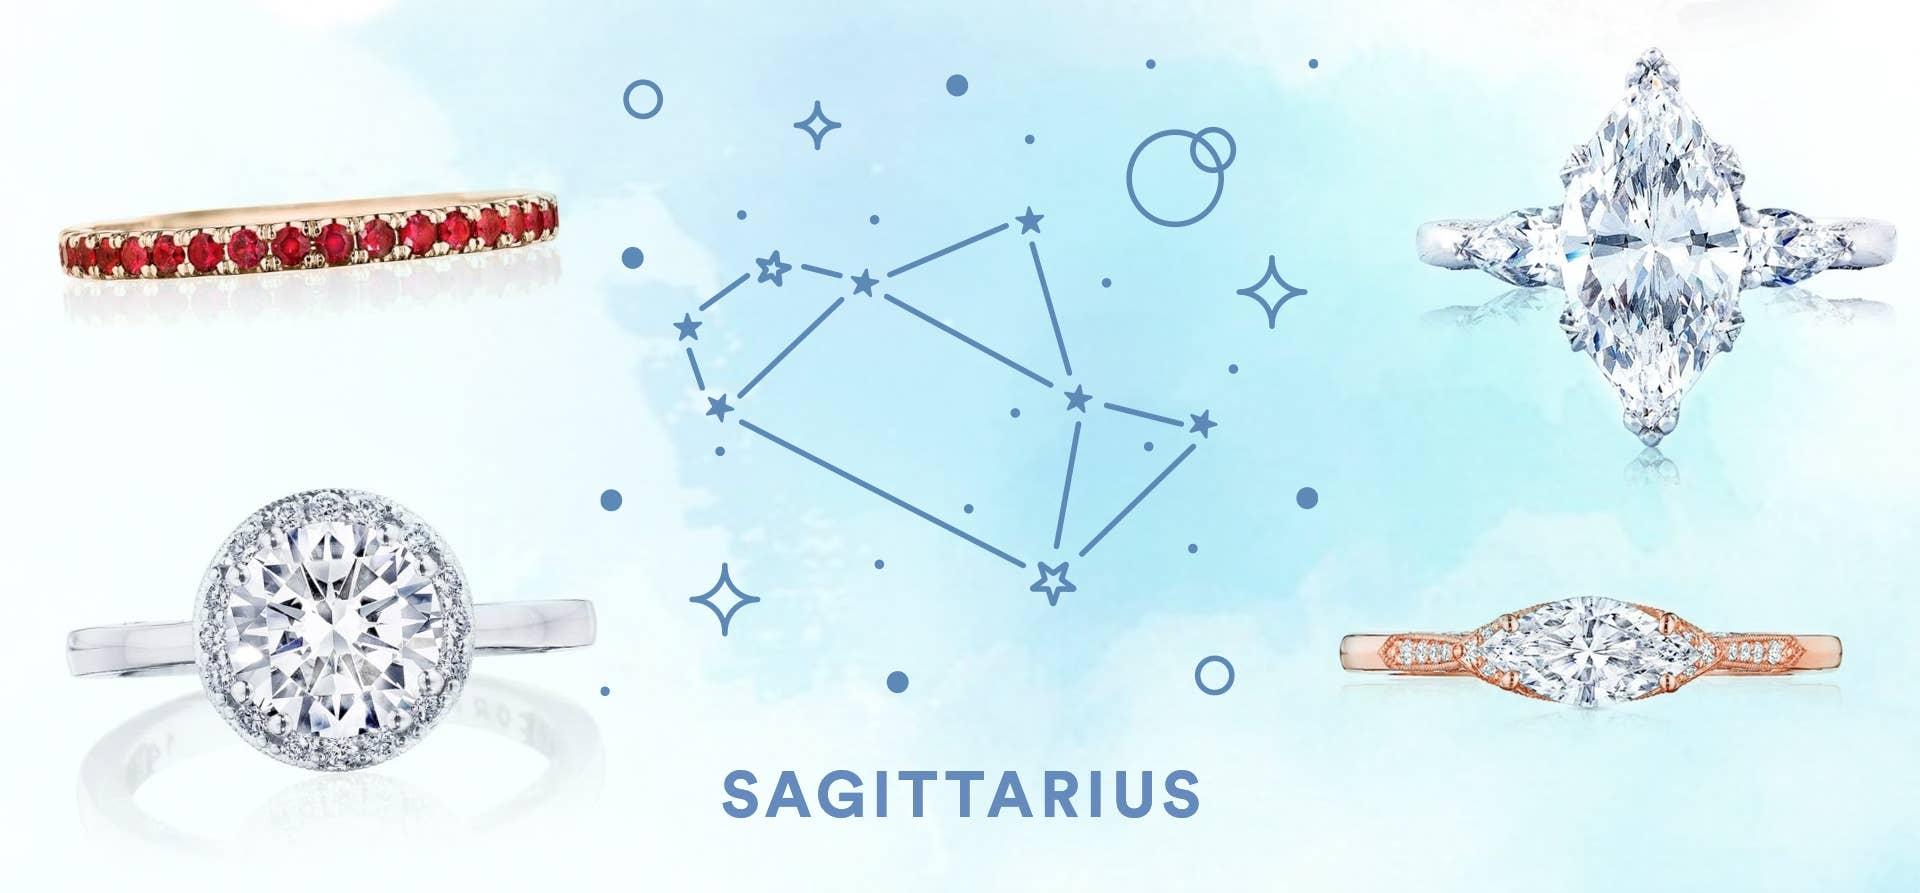 11sagittarius